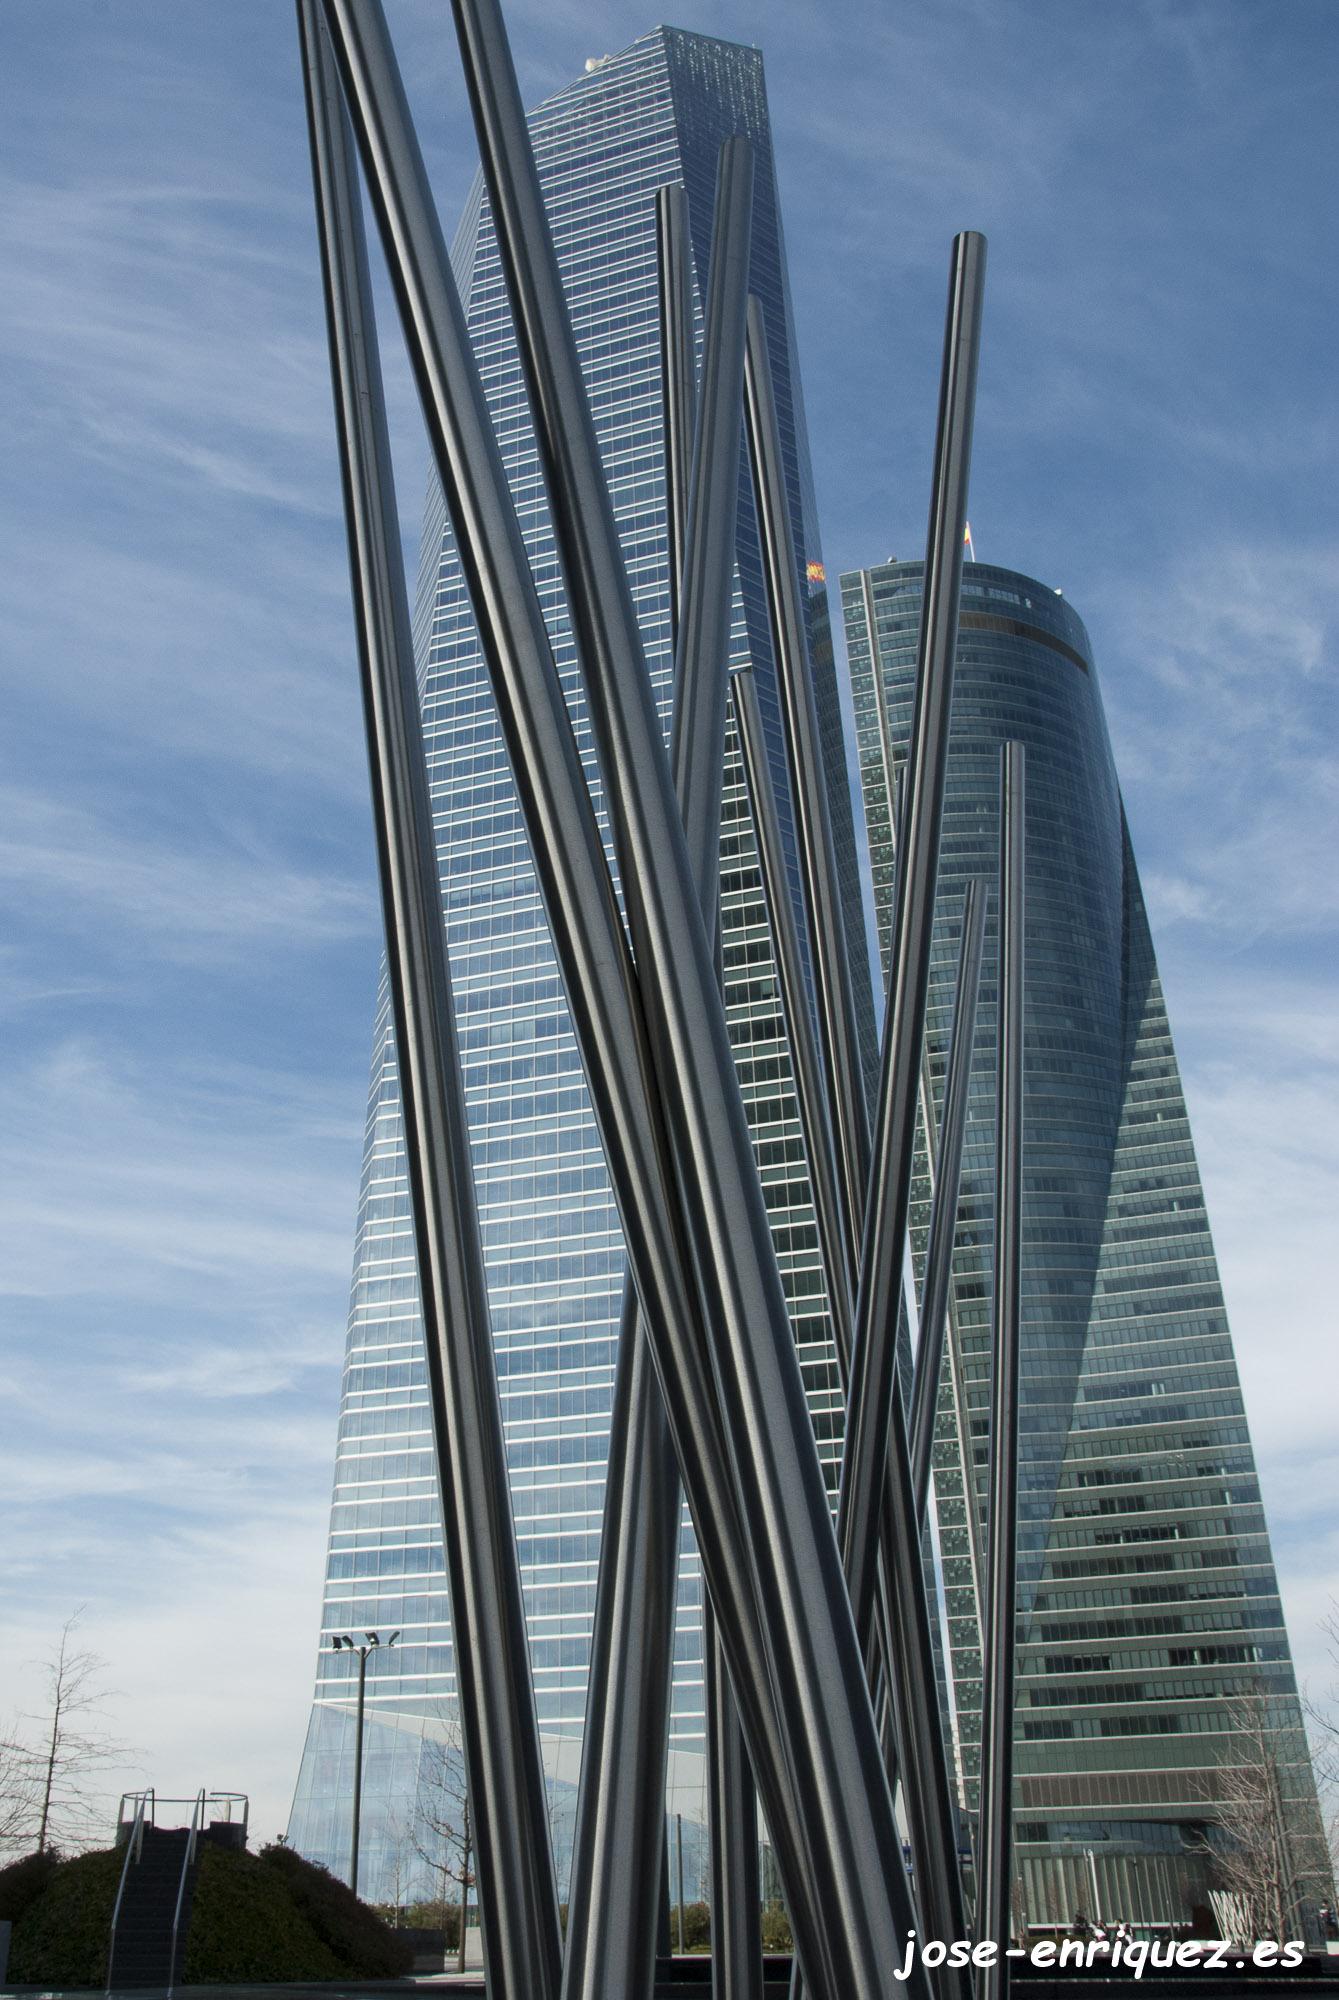 03-0016 07 Perspectiva. Cuatro Torres Business Area